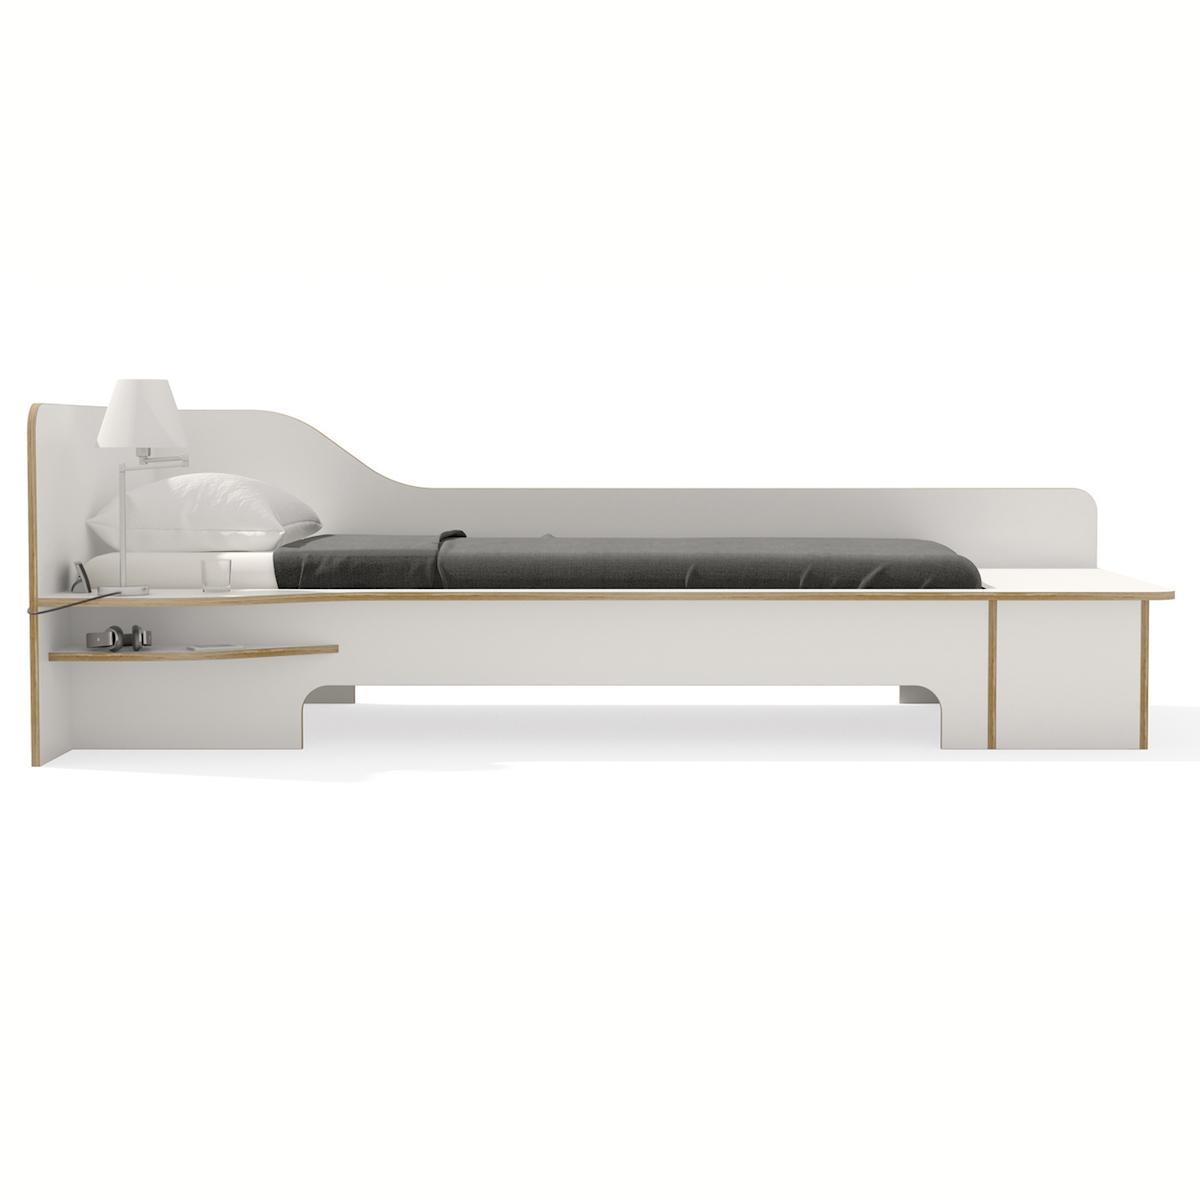 Cama 90x200cm versión izquierda-cajón PLANE Mueller blanco